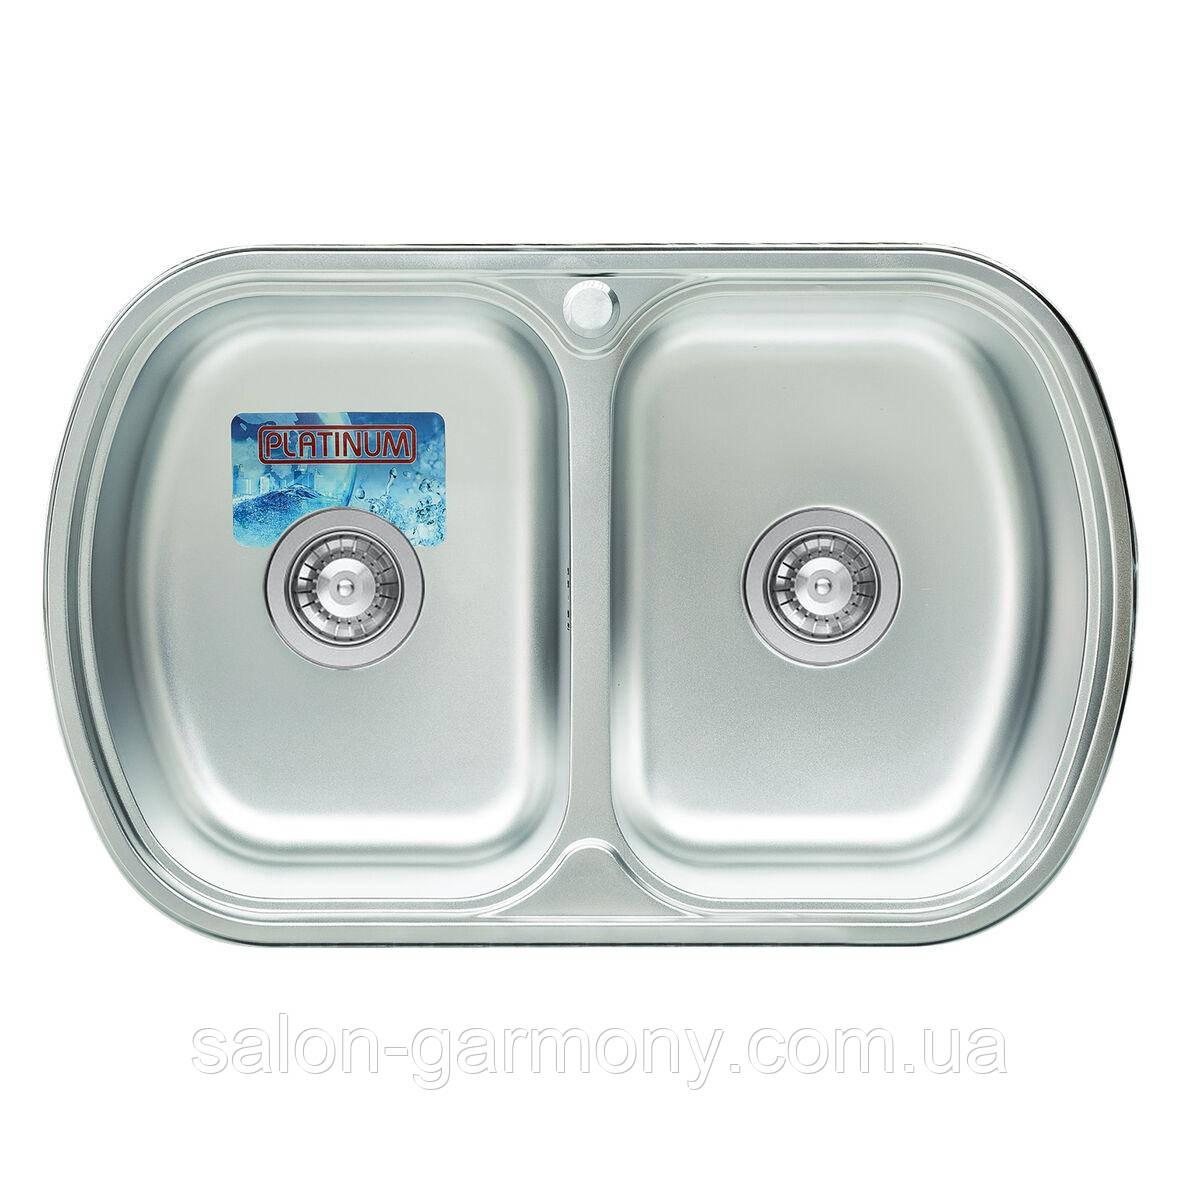 Кухонная мойка из нержавеющей стали Platinum 7749D САТИН 0,8 / 180